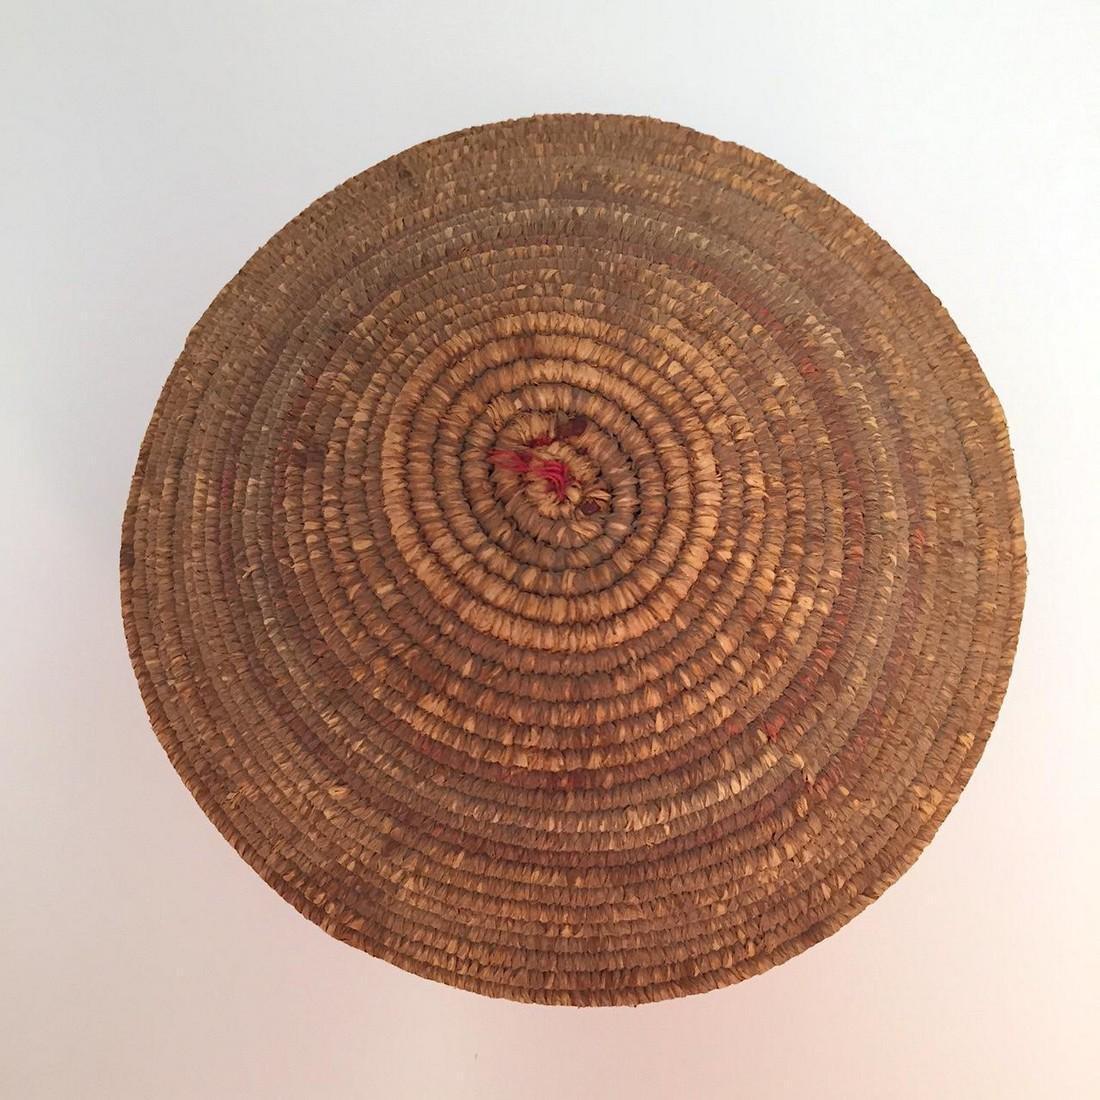 Northwest Coast Salish Lidded Coiled Basket - 4